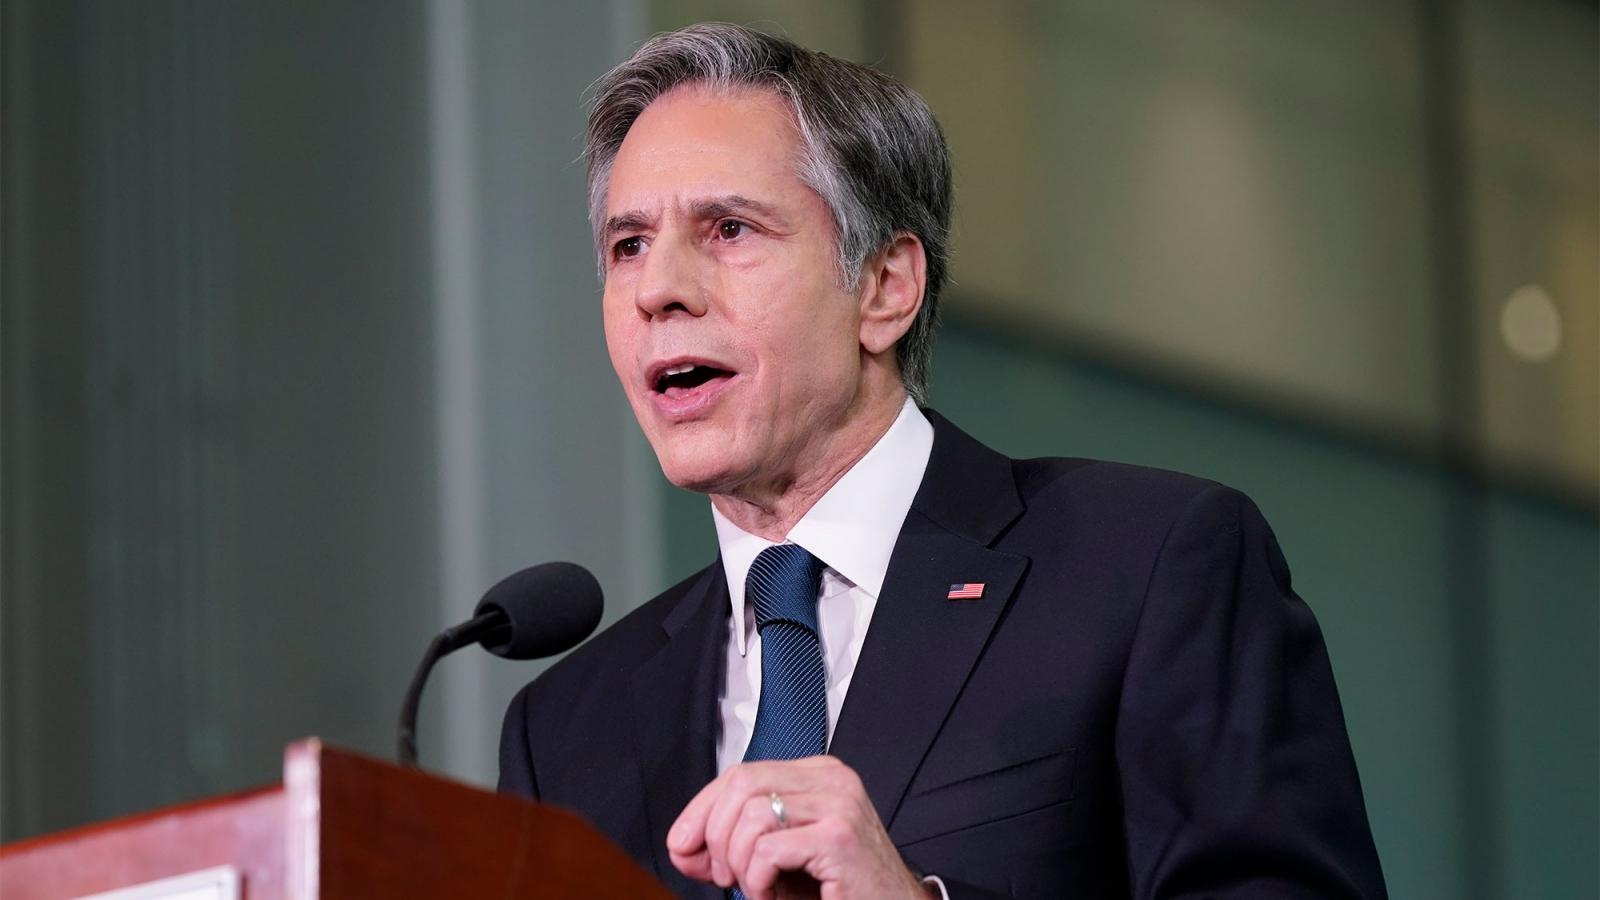 Mỹ nhận được cảnh báo về sự sụp đổ của chính phủ Afghanistan từ tháng 7